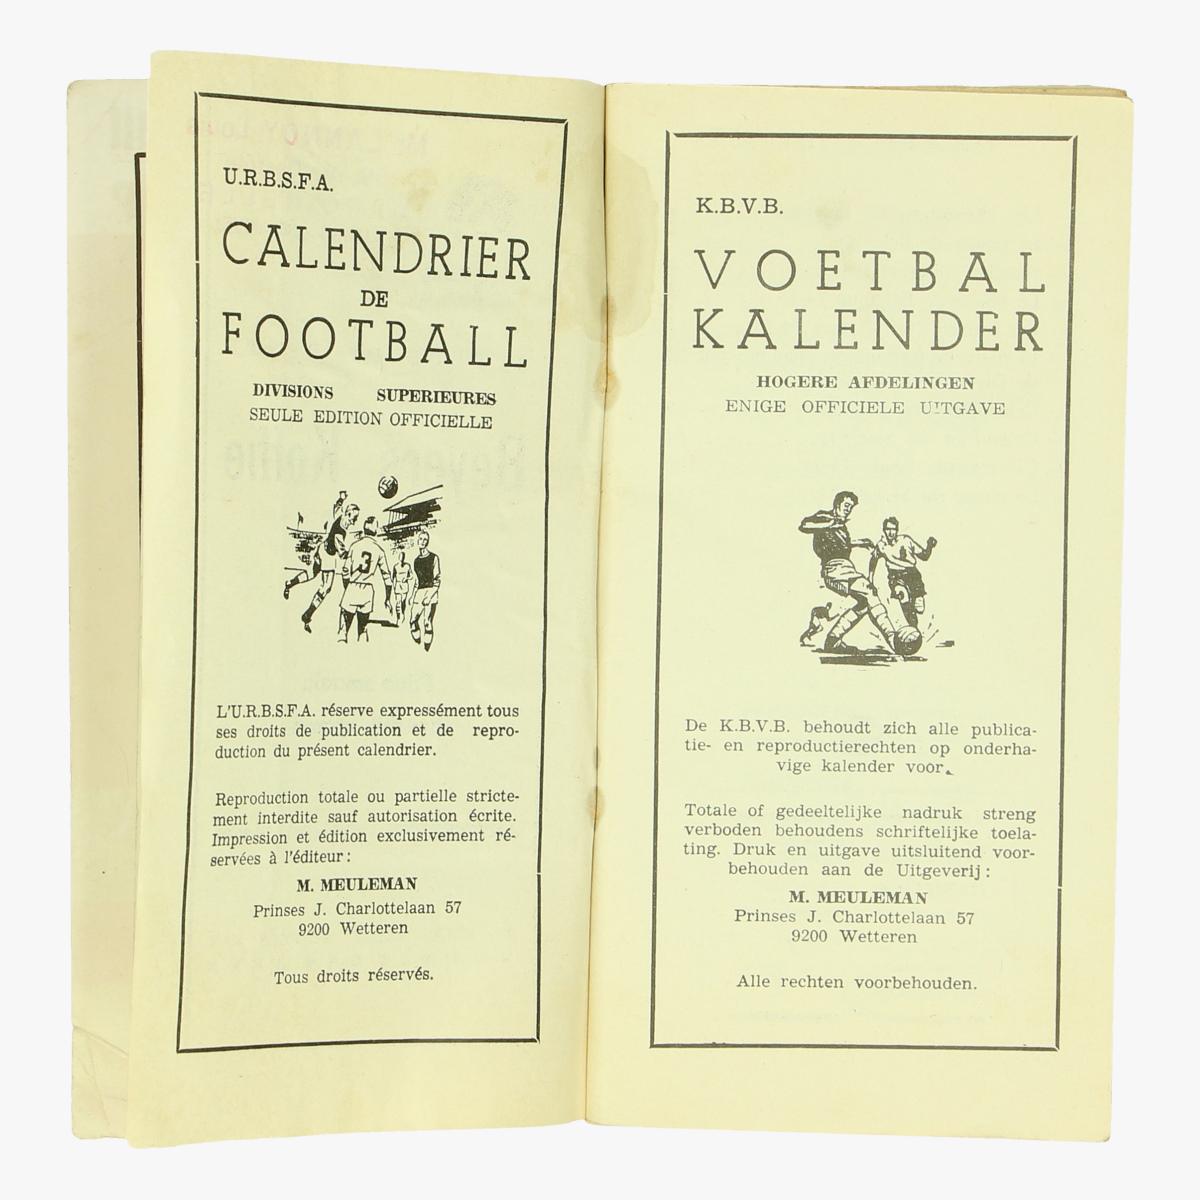 Afbeeldingen van voetbalkalender 1974-1975